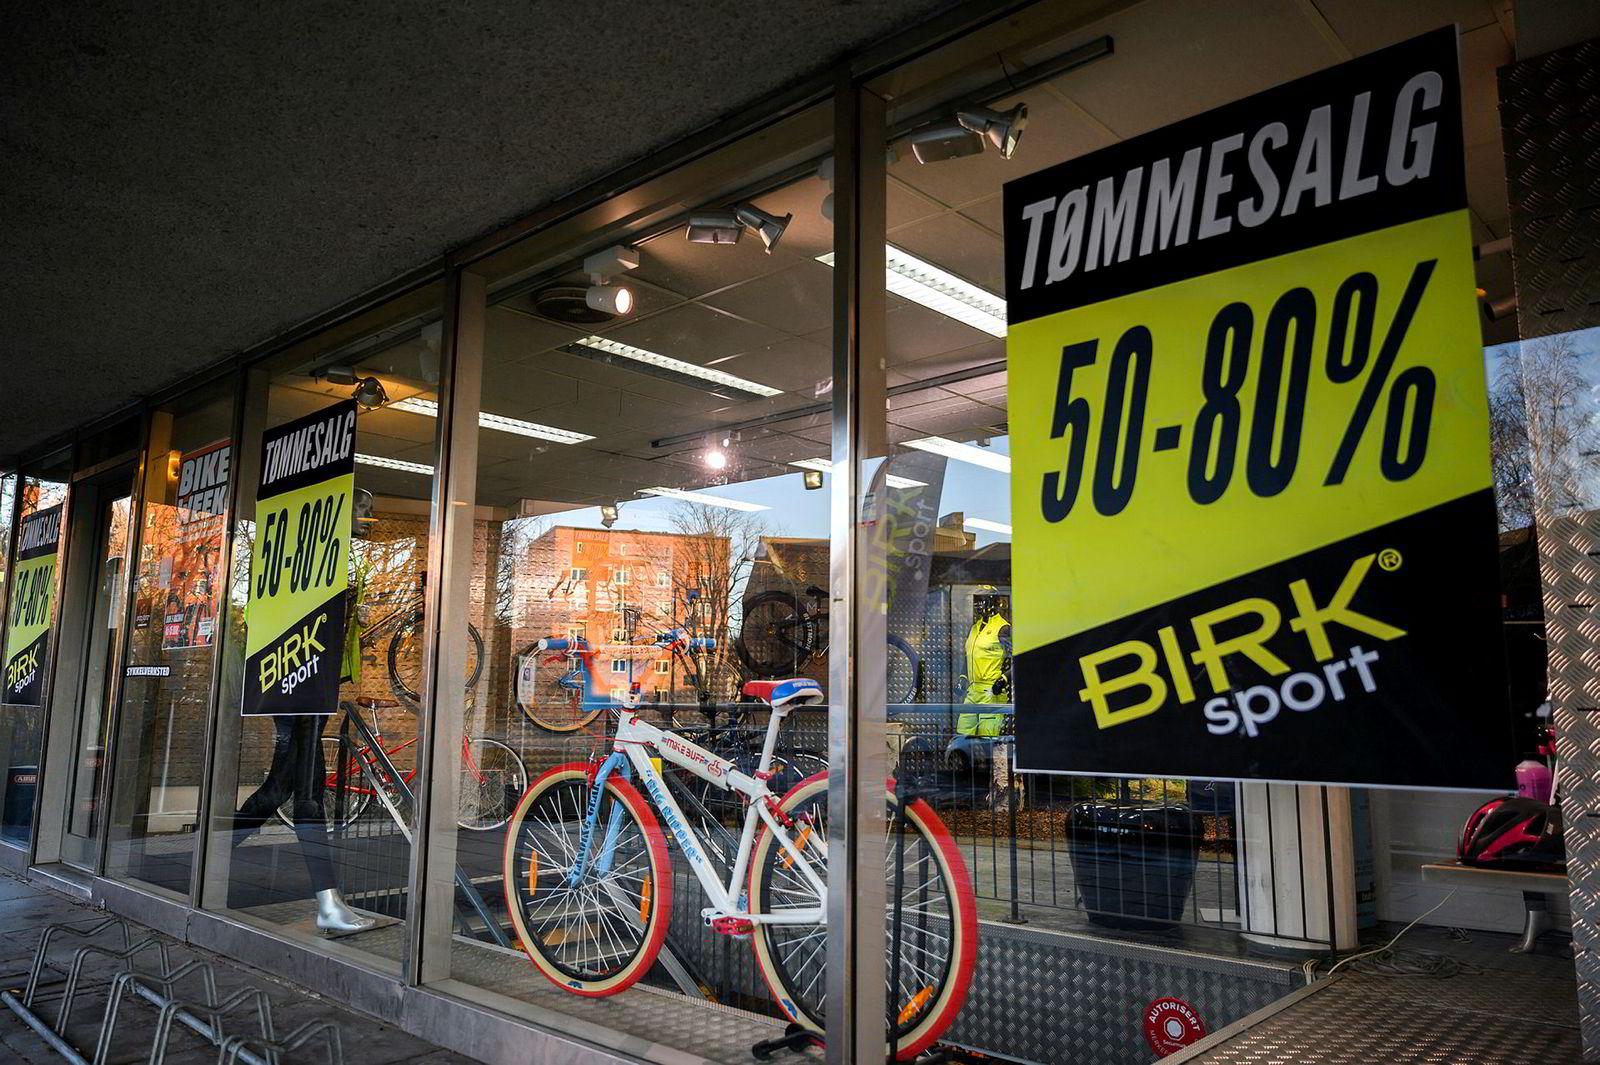 Sykkelforretningen Birk Sport har begjært seg konkurs etter tosifret milliontap i 2019. Bildet er fra butikken på Torshov.